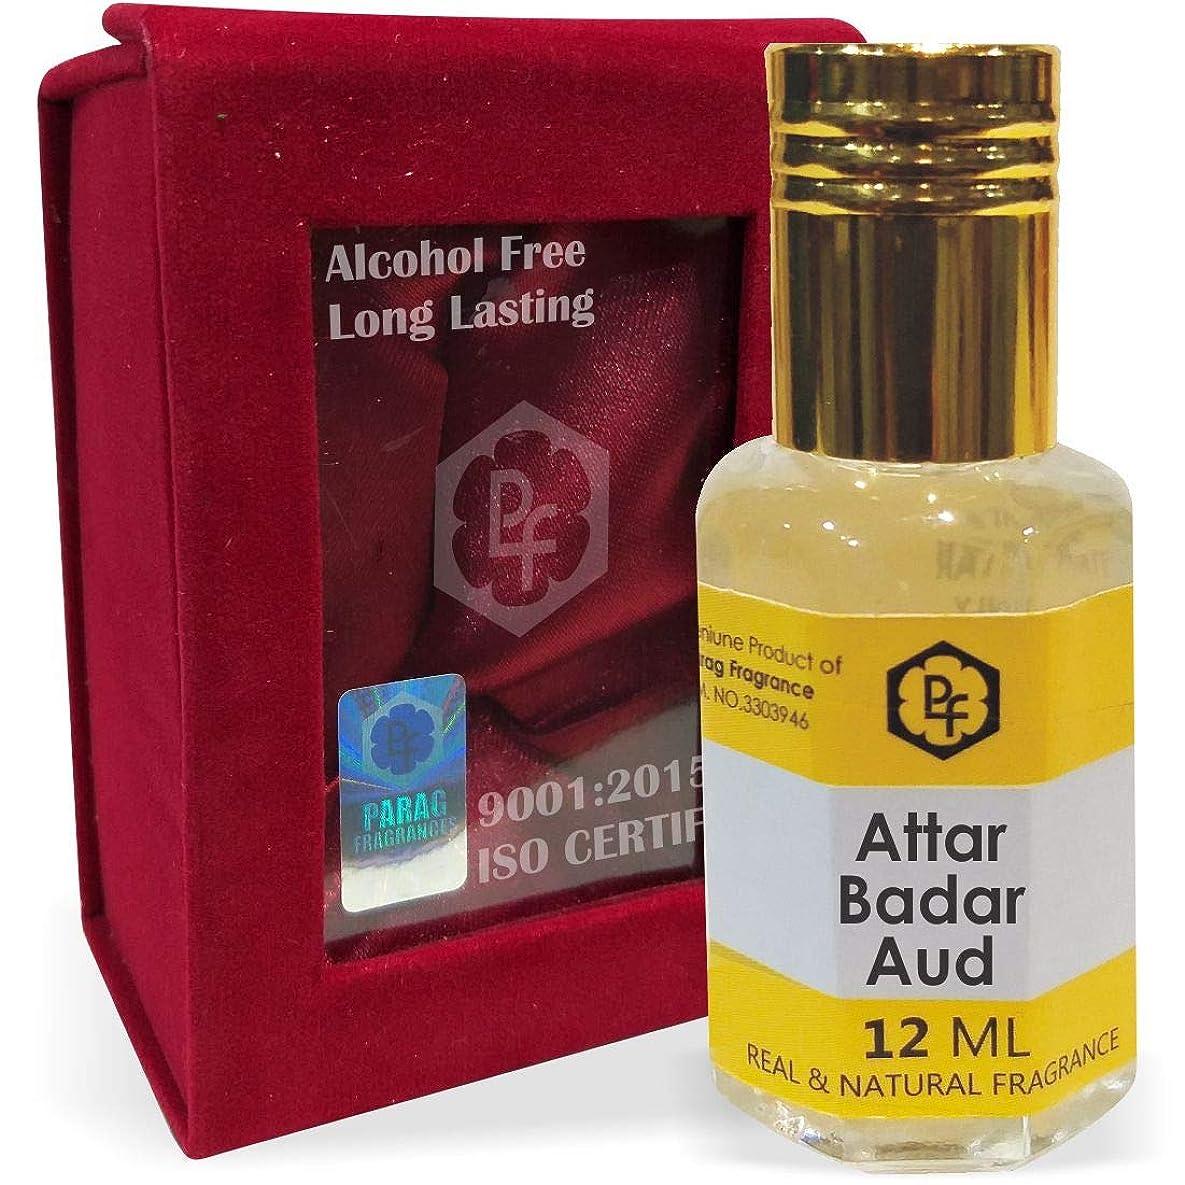 体系的に砂漠公平手作りのベルベットボックスParagフレグランスBadarウード12ミリリットルアター/香油/(インドの伝統的なBhapka処理方法により、インド製)フレグランスオイル アターITRA最高の品質長持ち